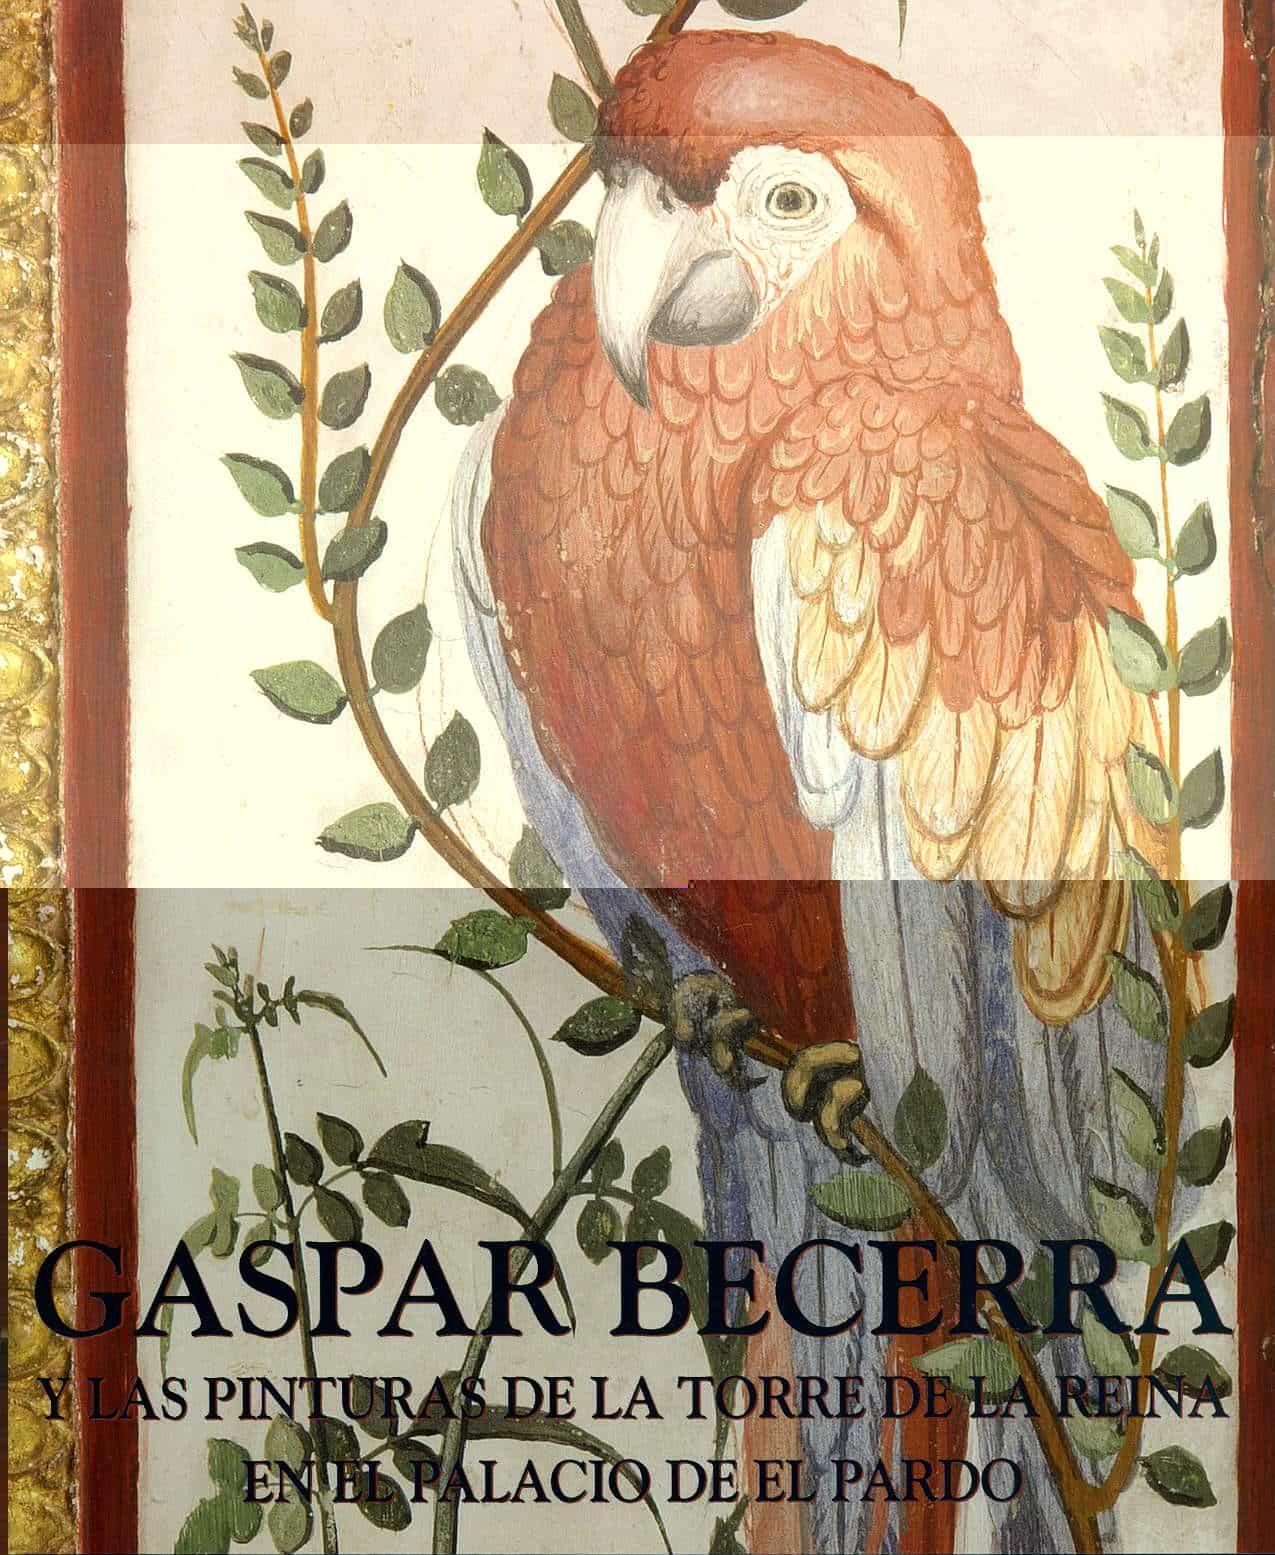 Gaspar Becerra Y Las Pinturas De La Torre De La Reina En El Palac Io Del Pardo por Carmen Garcia-frias Checa